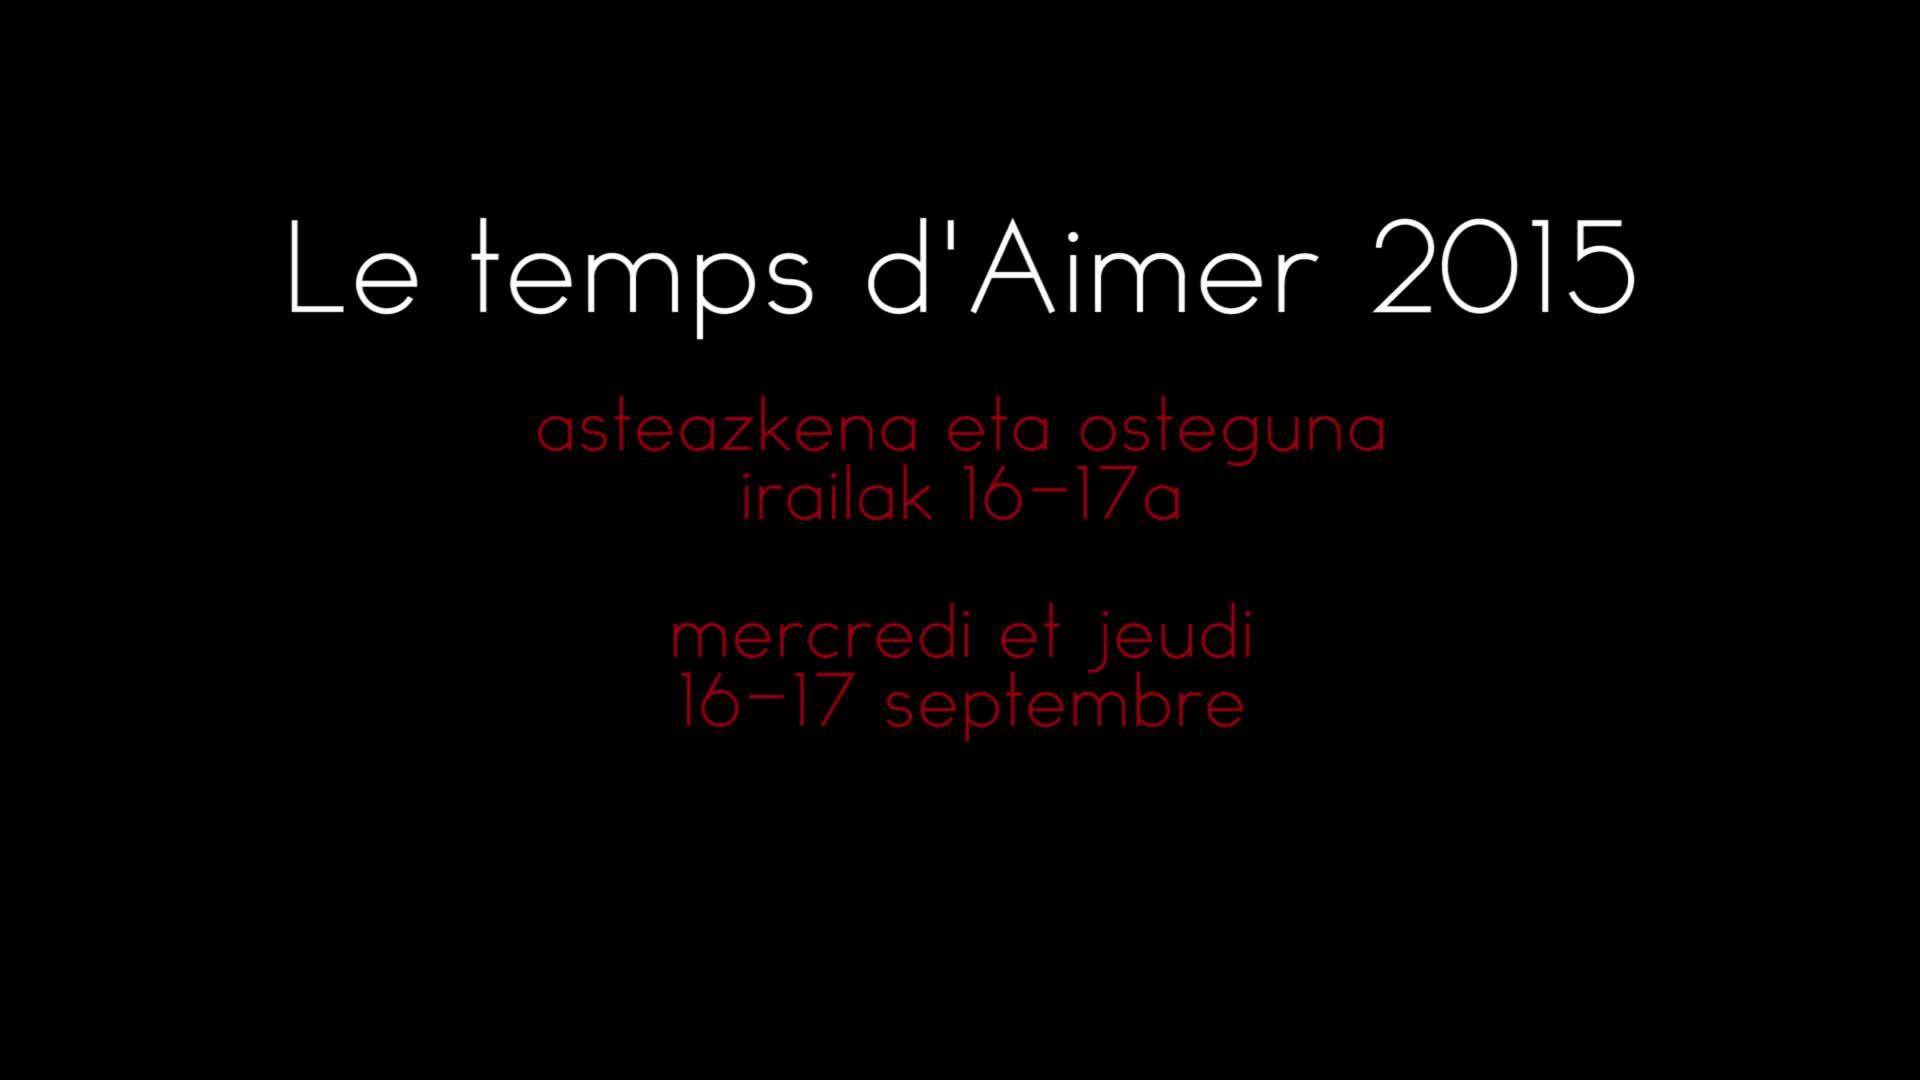 Le temps d'aimer 2015: asteazkena eta osteguna, irailak 16-17a